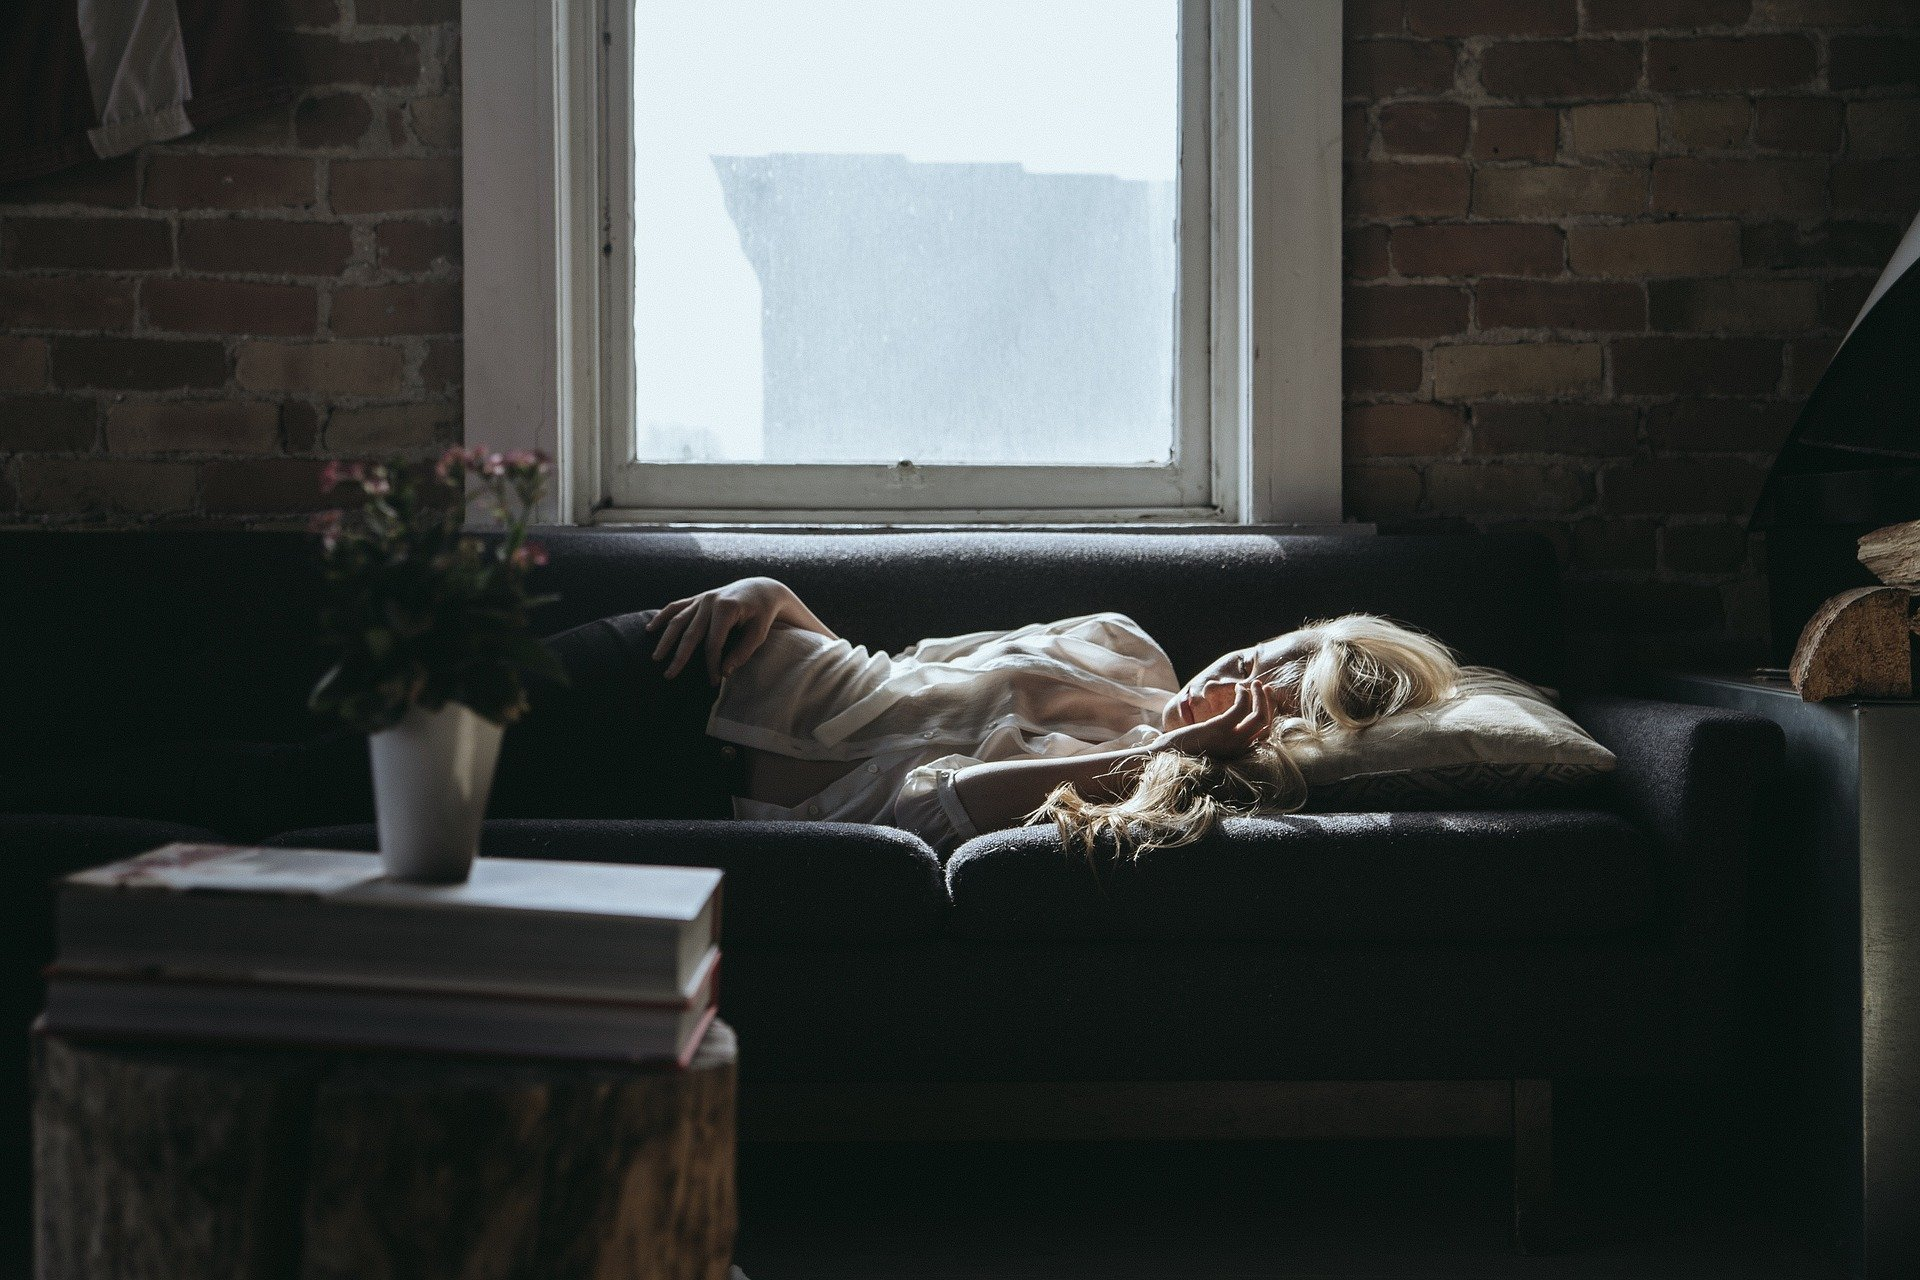 дрожь, слабость и усталость